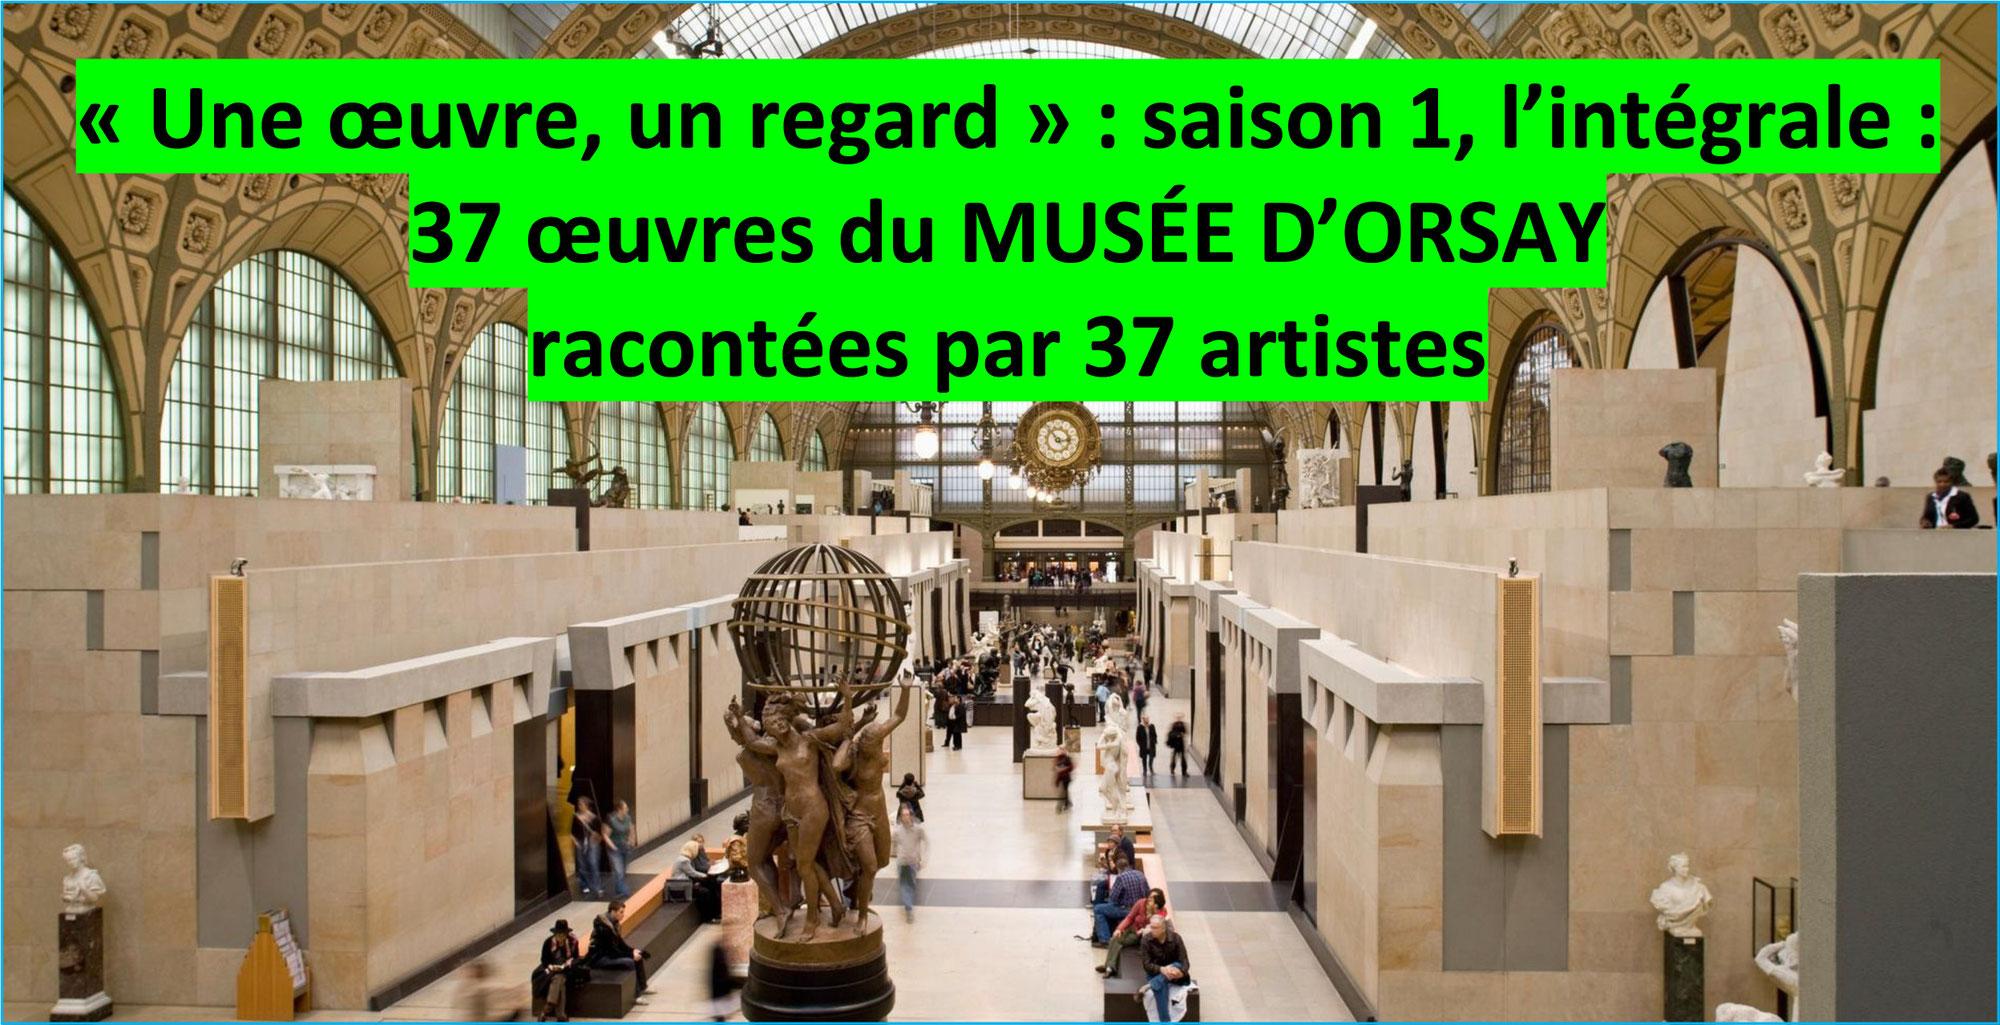 37 vidéos gratuites sur les œuvres du MUSÉE D'ORSAY expliquées par des artistes